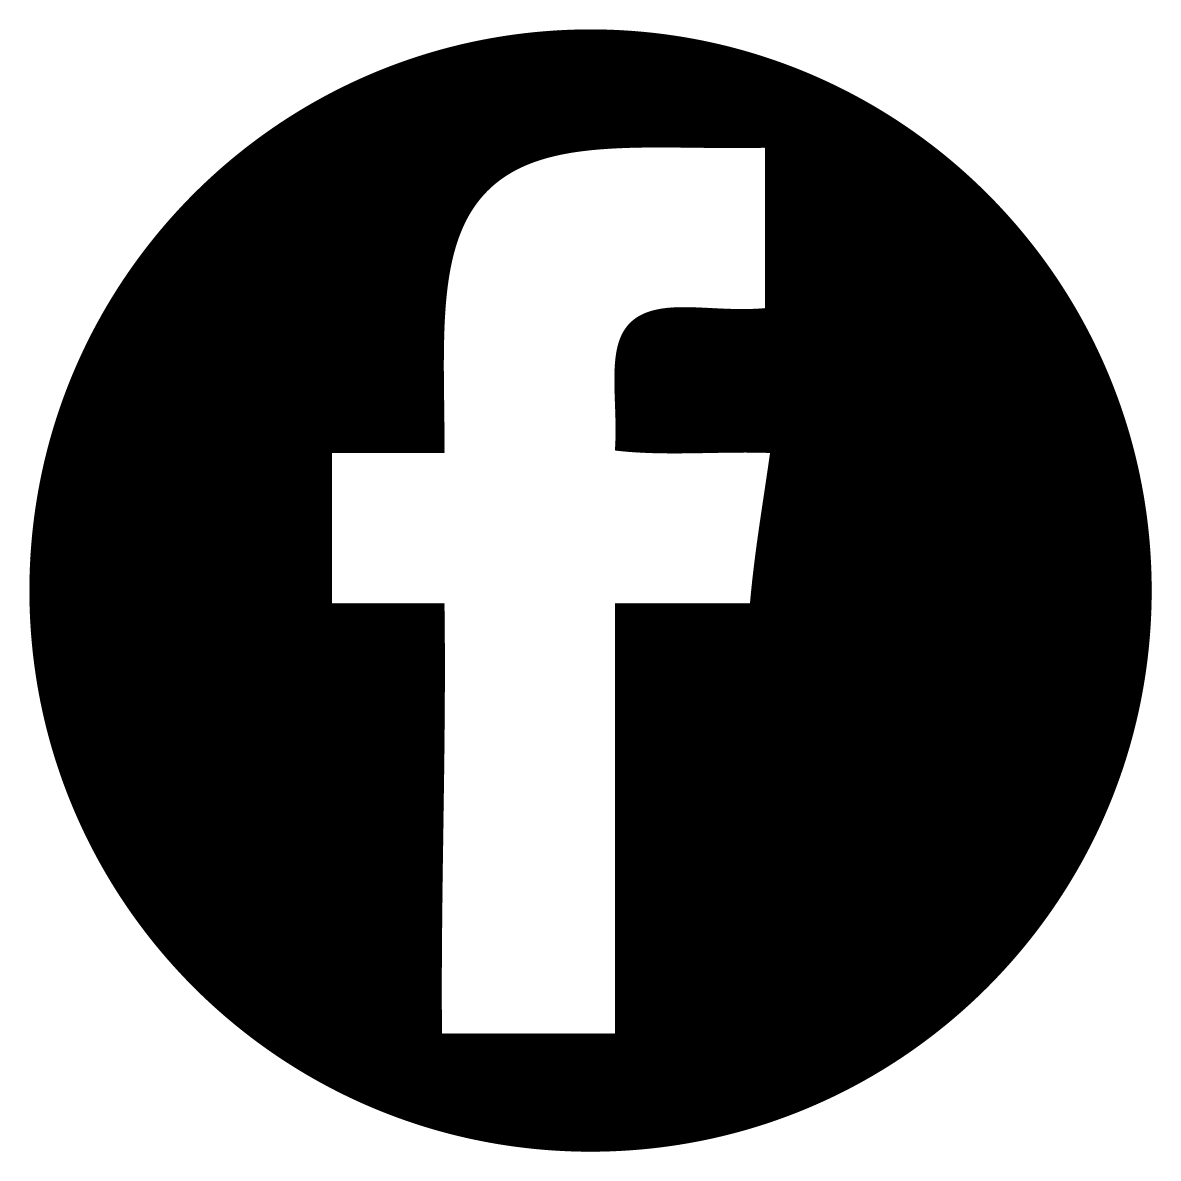 La pagina Facebook ufficiale di Necronomicon.it